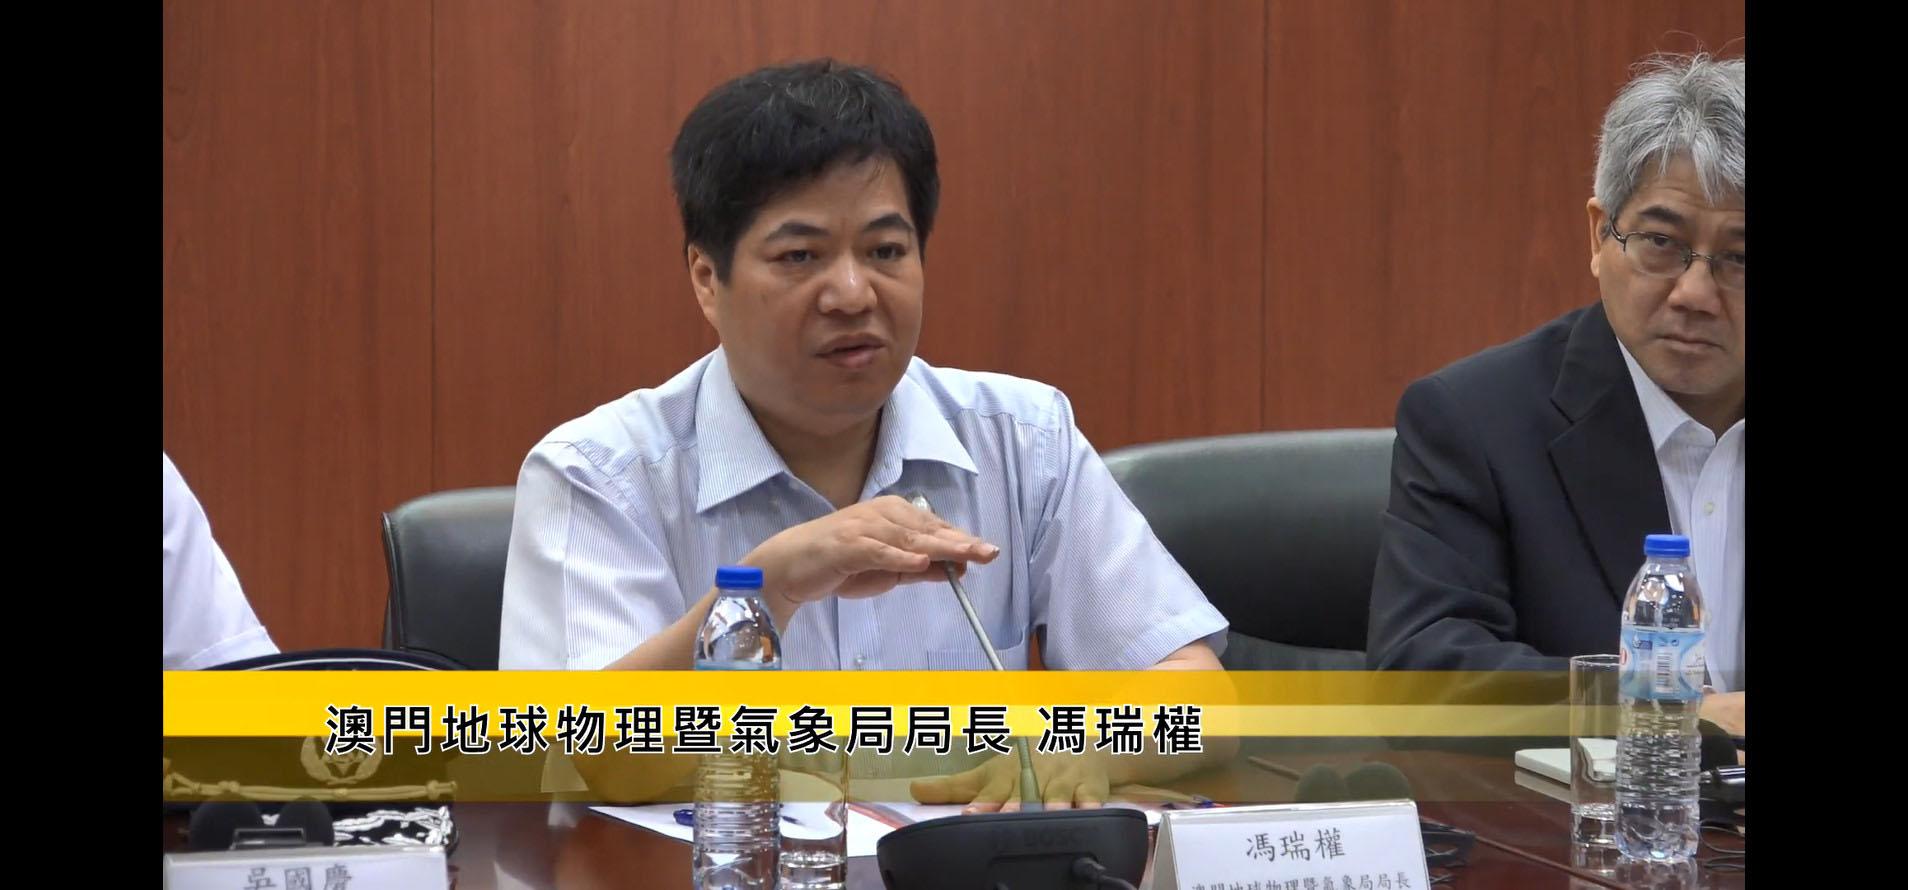 澳門廉政公署昨日宣佈,立案調查氣象局前局長馮瑞權。(澳門新聞局影片擷圖)